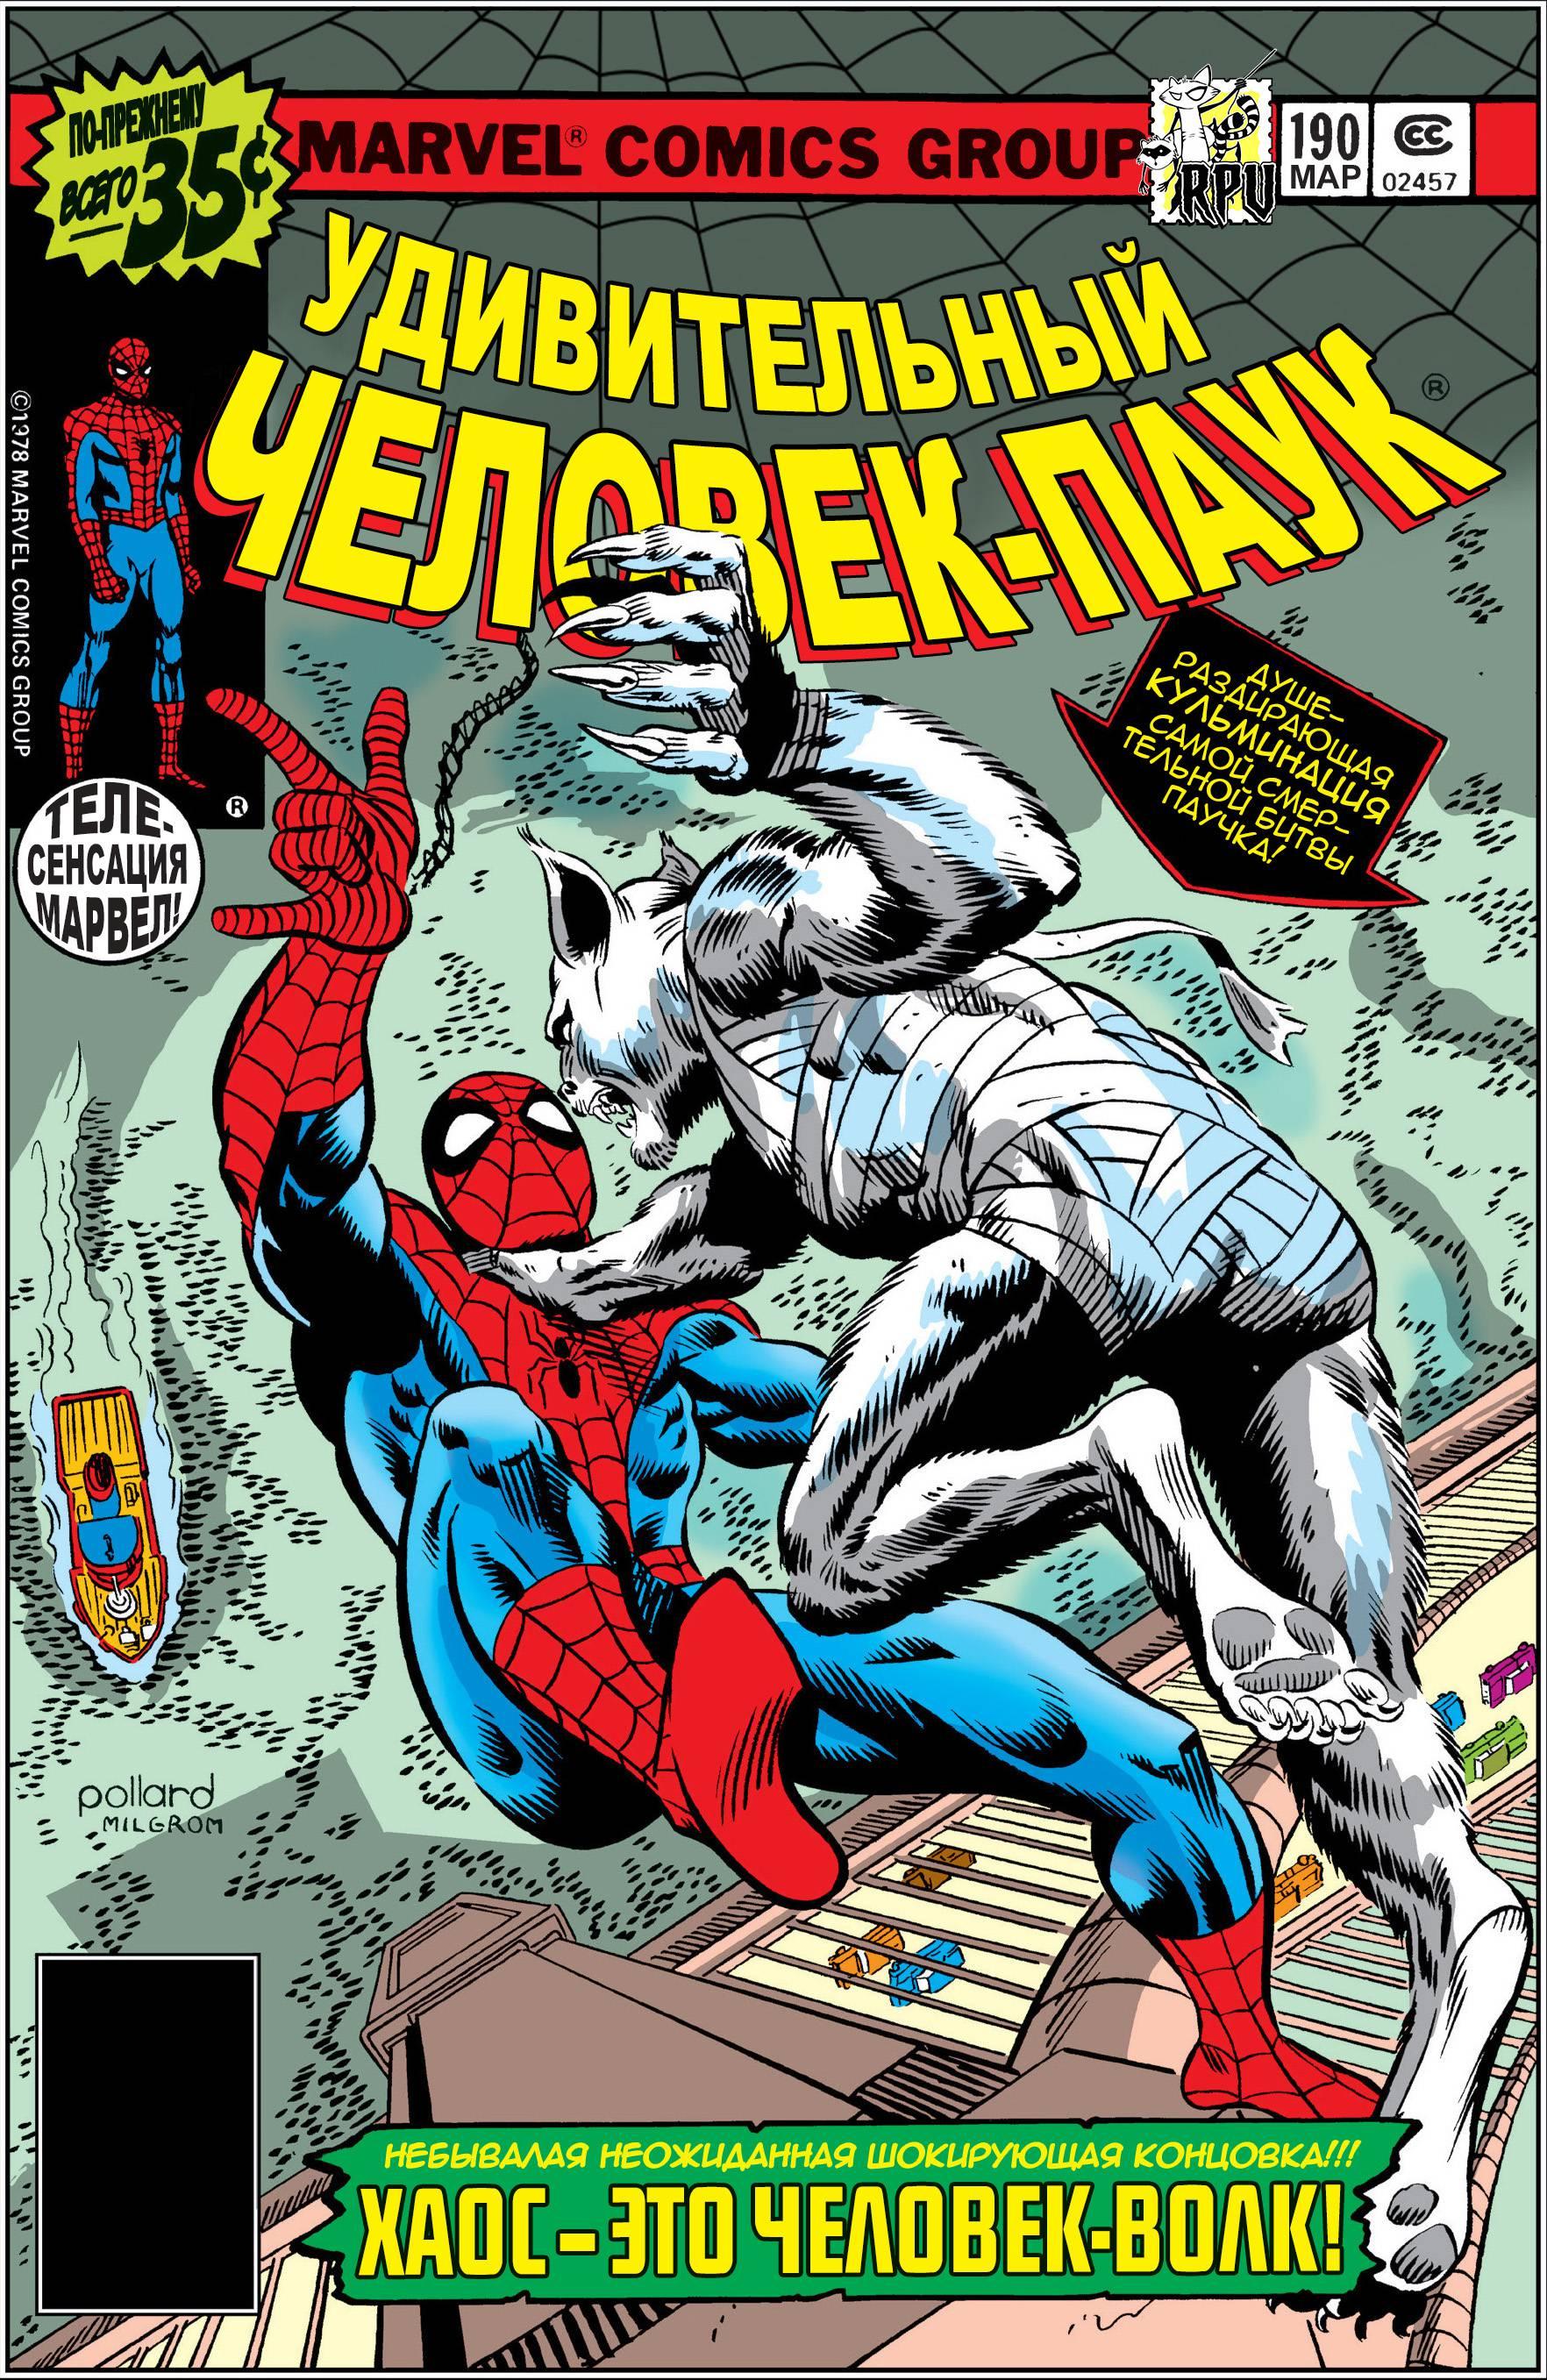 Удивительный Человек-паук №190 онлайн